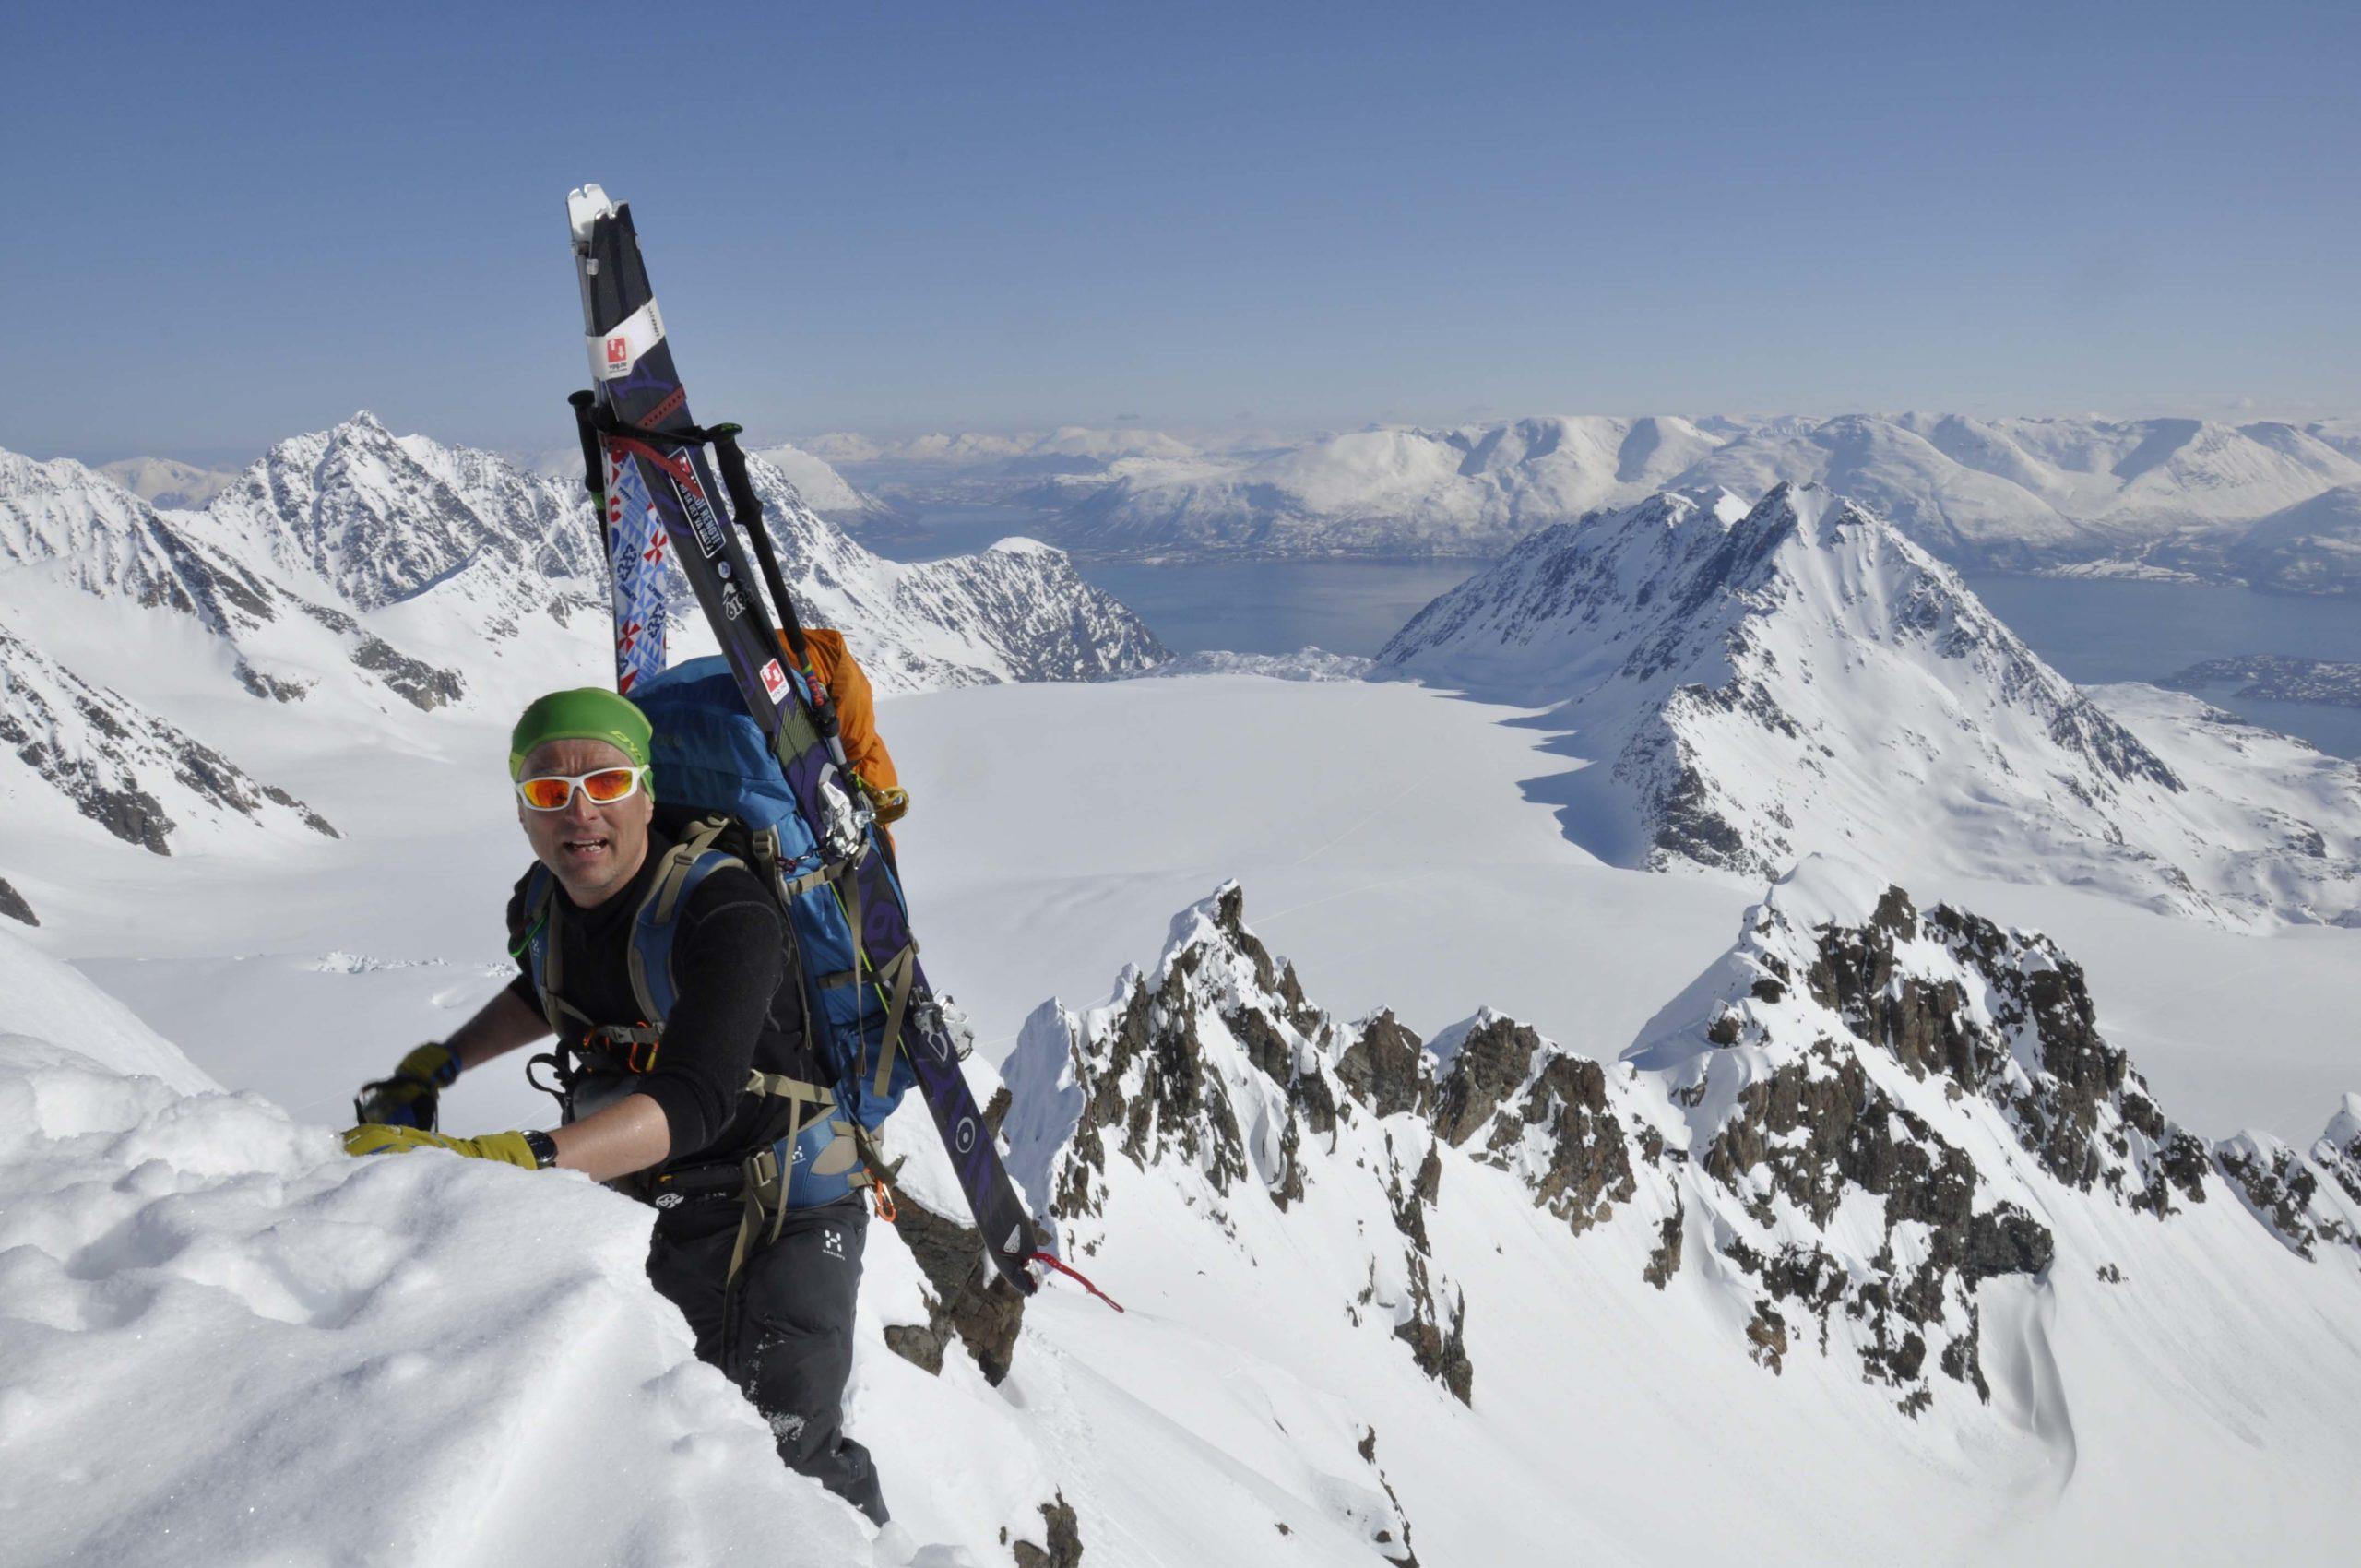 Ordet verdensklasse står i fare for å bli utvannet. Men, det må frem når man skal beskrive Nord-Norge som skidestinasjon © Espen Nordahl